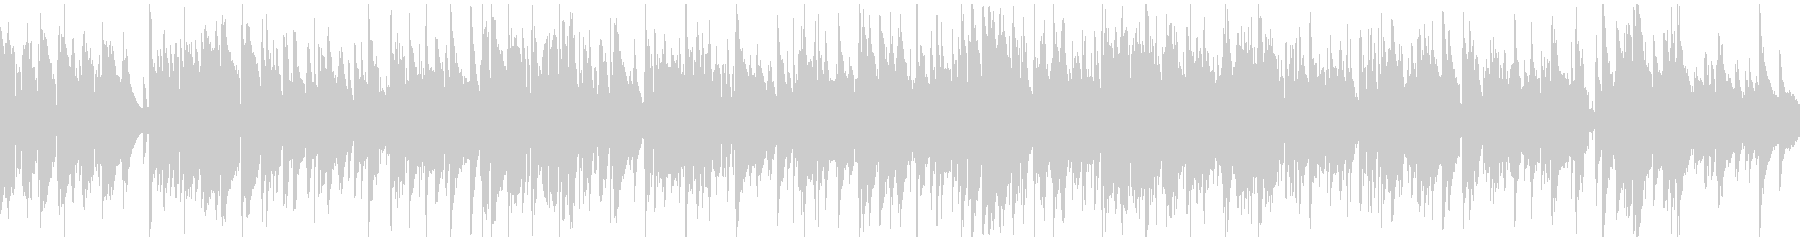 ソフトな色気あるゆっくりジャズ※ループ版の未再生の波形